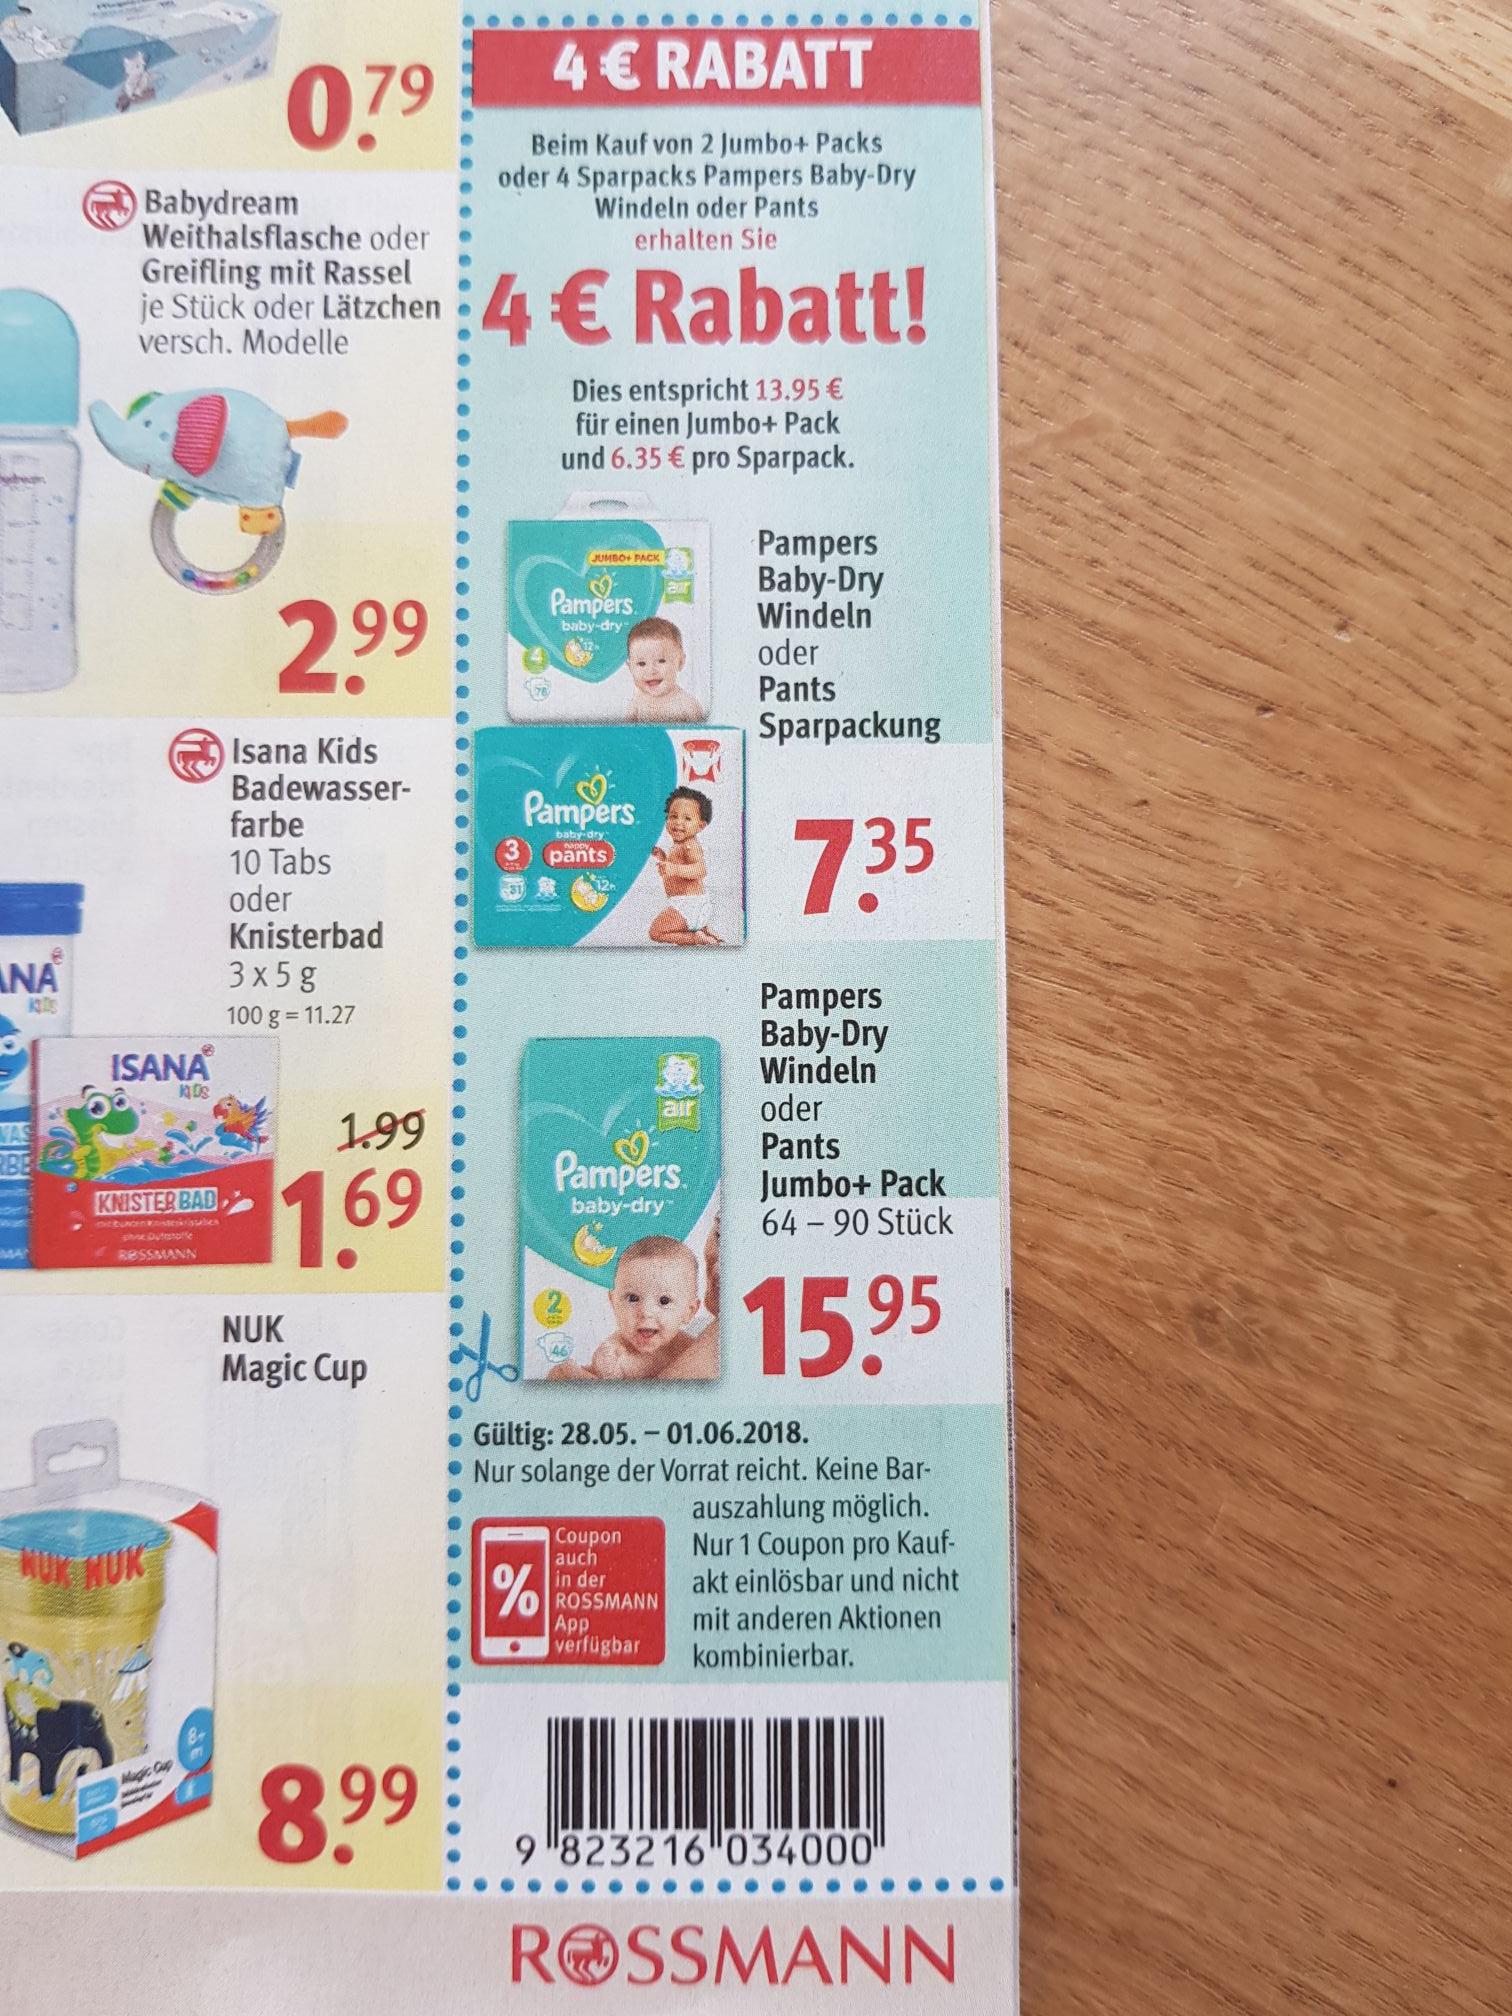 4 EURO Coupon von Rossmann beim Kauf von 2 Jumbo+ Packs bzw. 4 Sparpacks mit 10% Gutschein kombinierbar